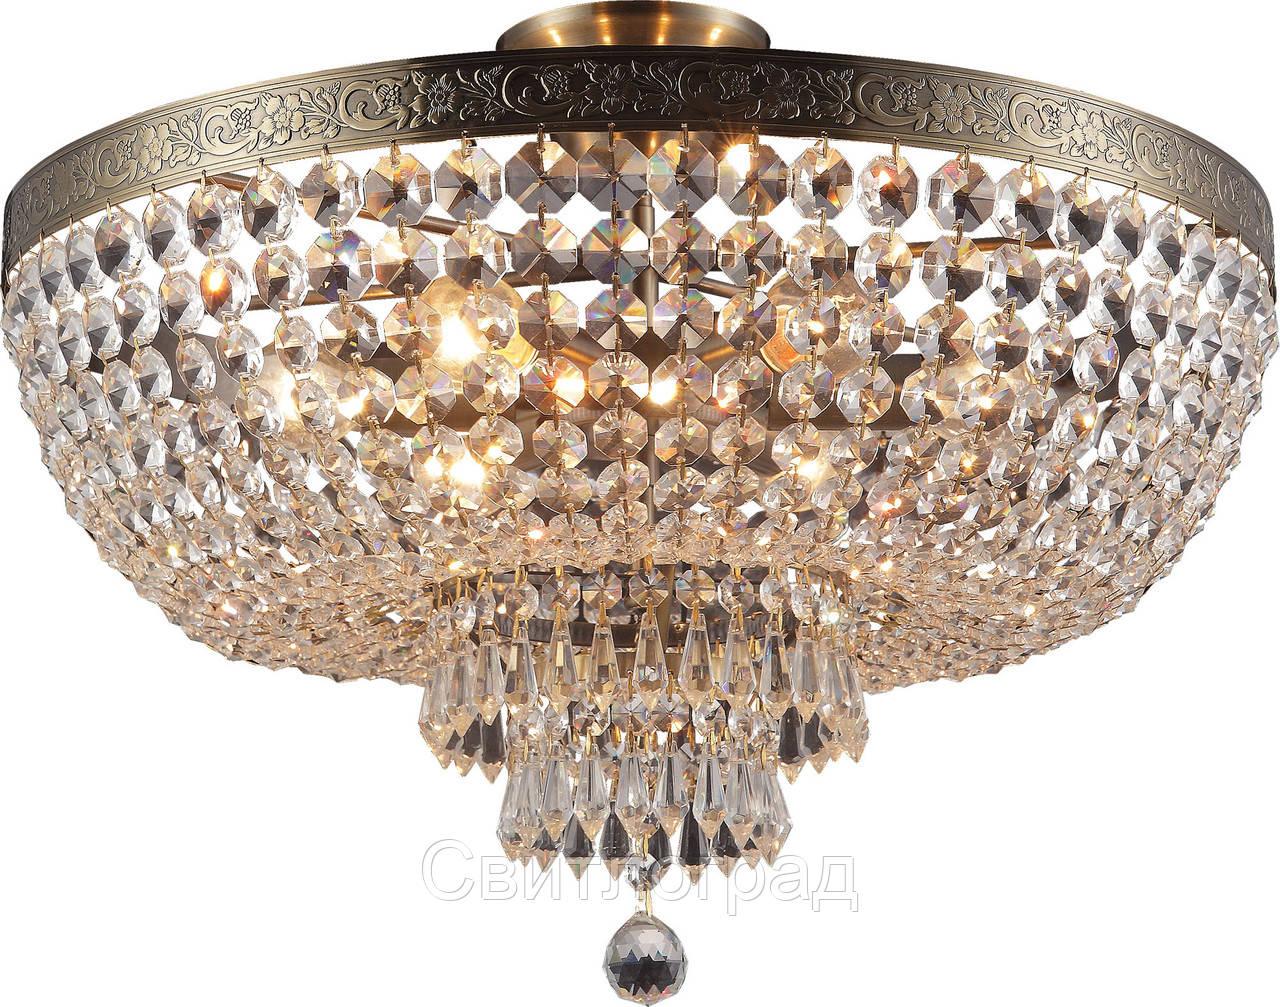 Люстра Хрустальная   Светильник Потолочный Altalusse INL-1115C-06 Antique Brass